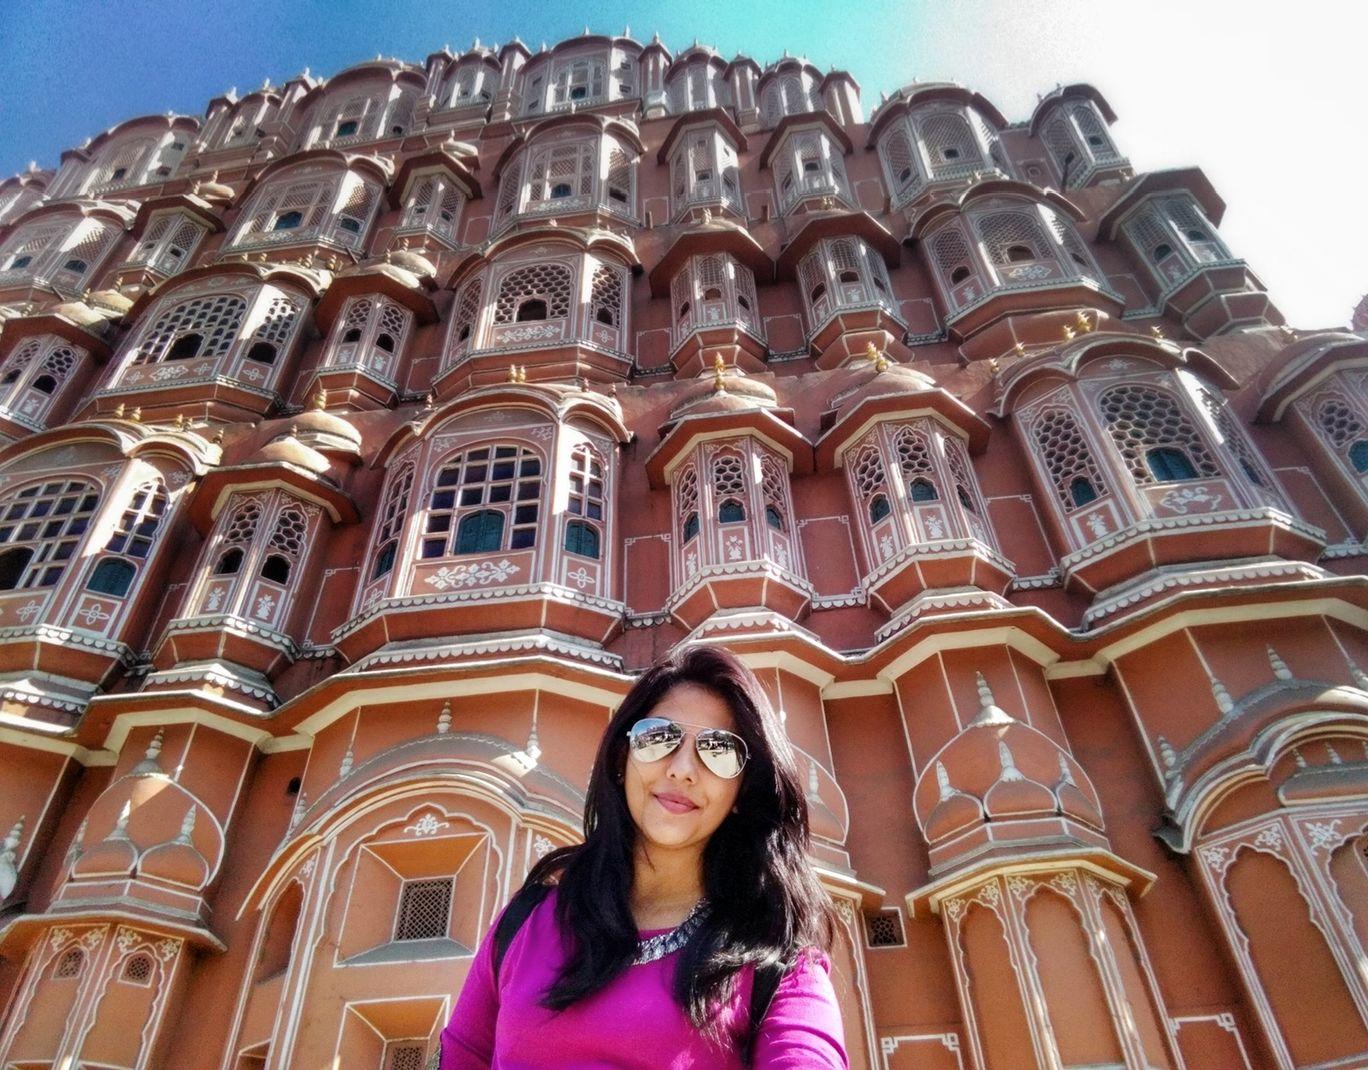 Photo of Hawa Mahal By soumya hegde